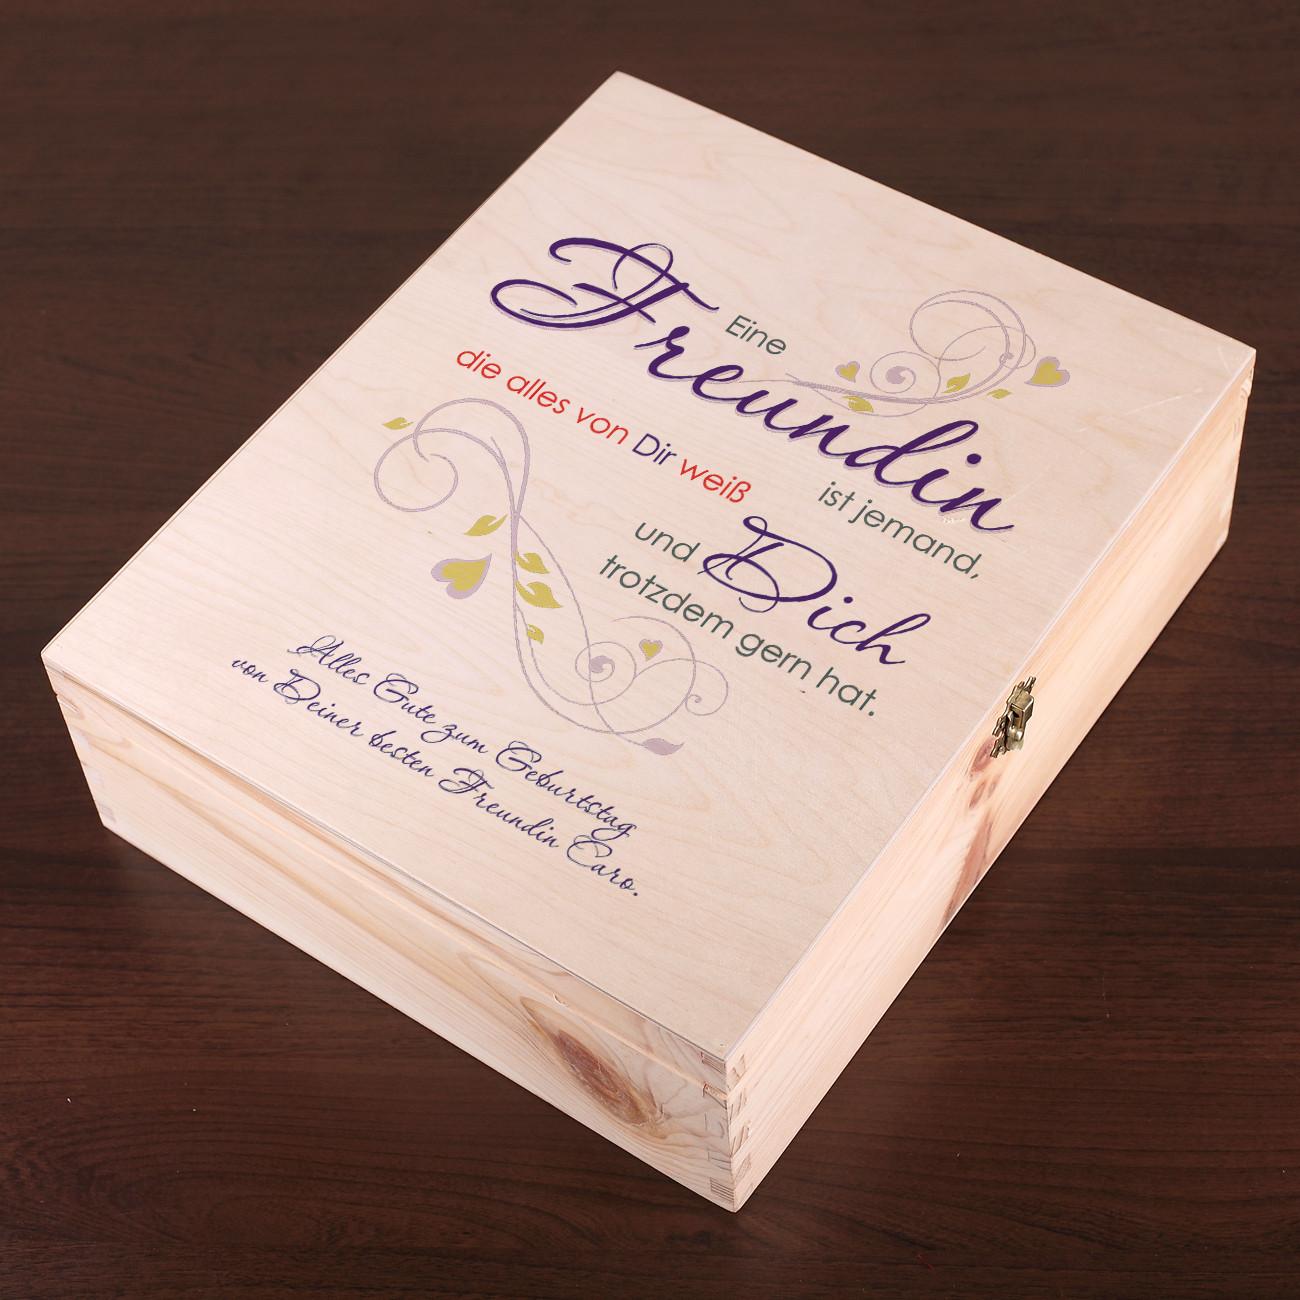 Geburtstagsgeschenke Für Beste Freundin  Geschenkverpackung aus Holz für beste Freundin